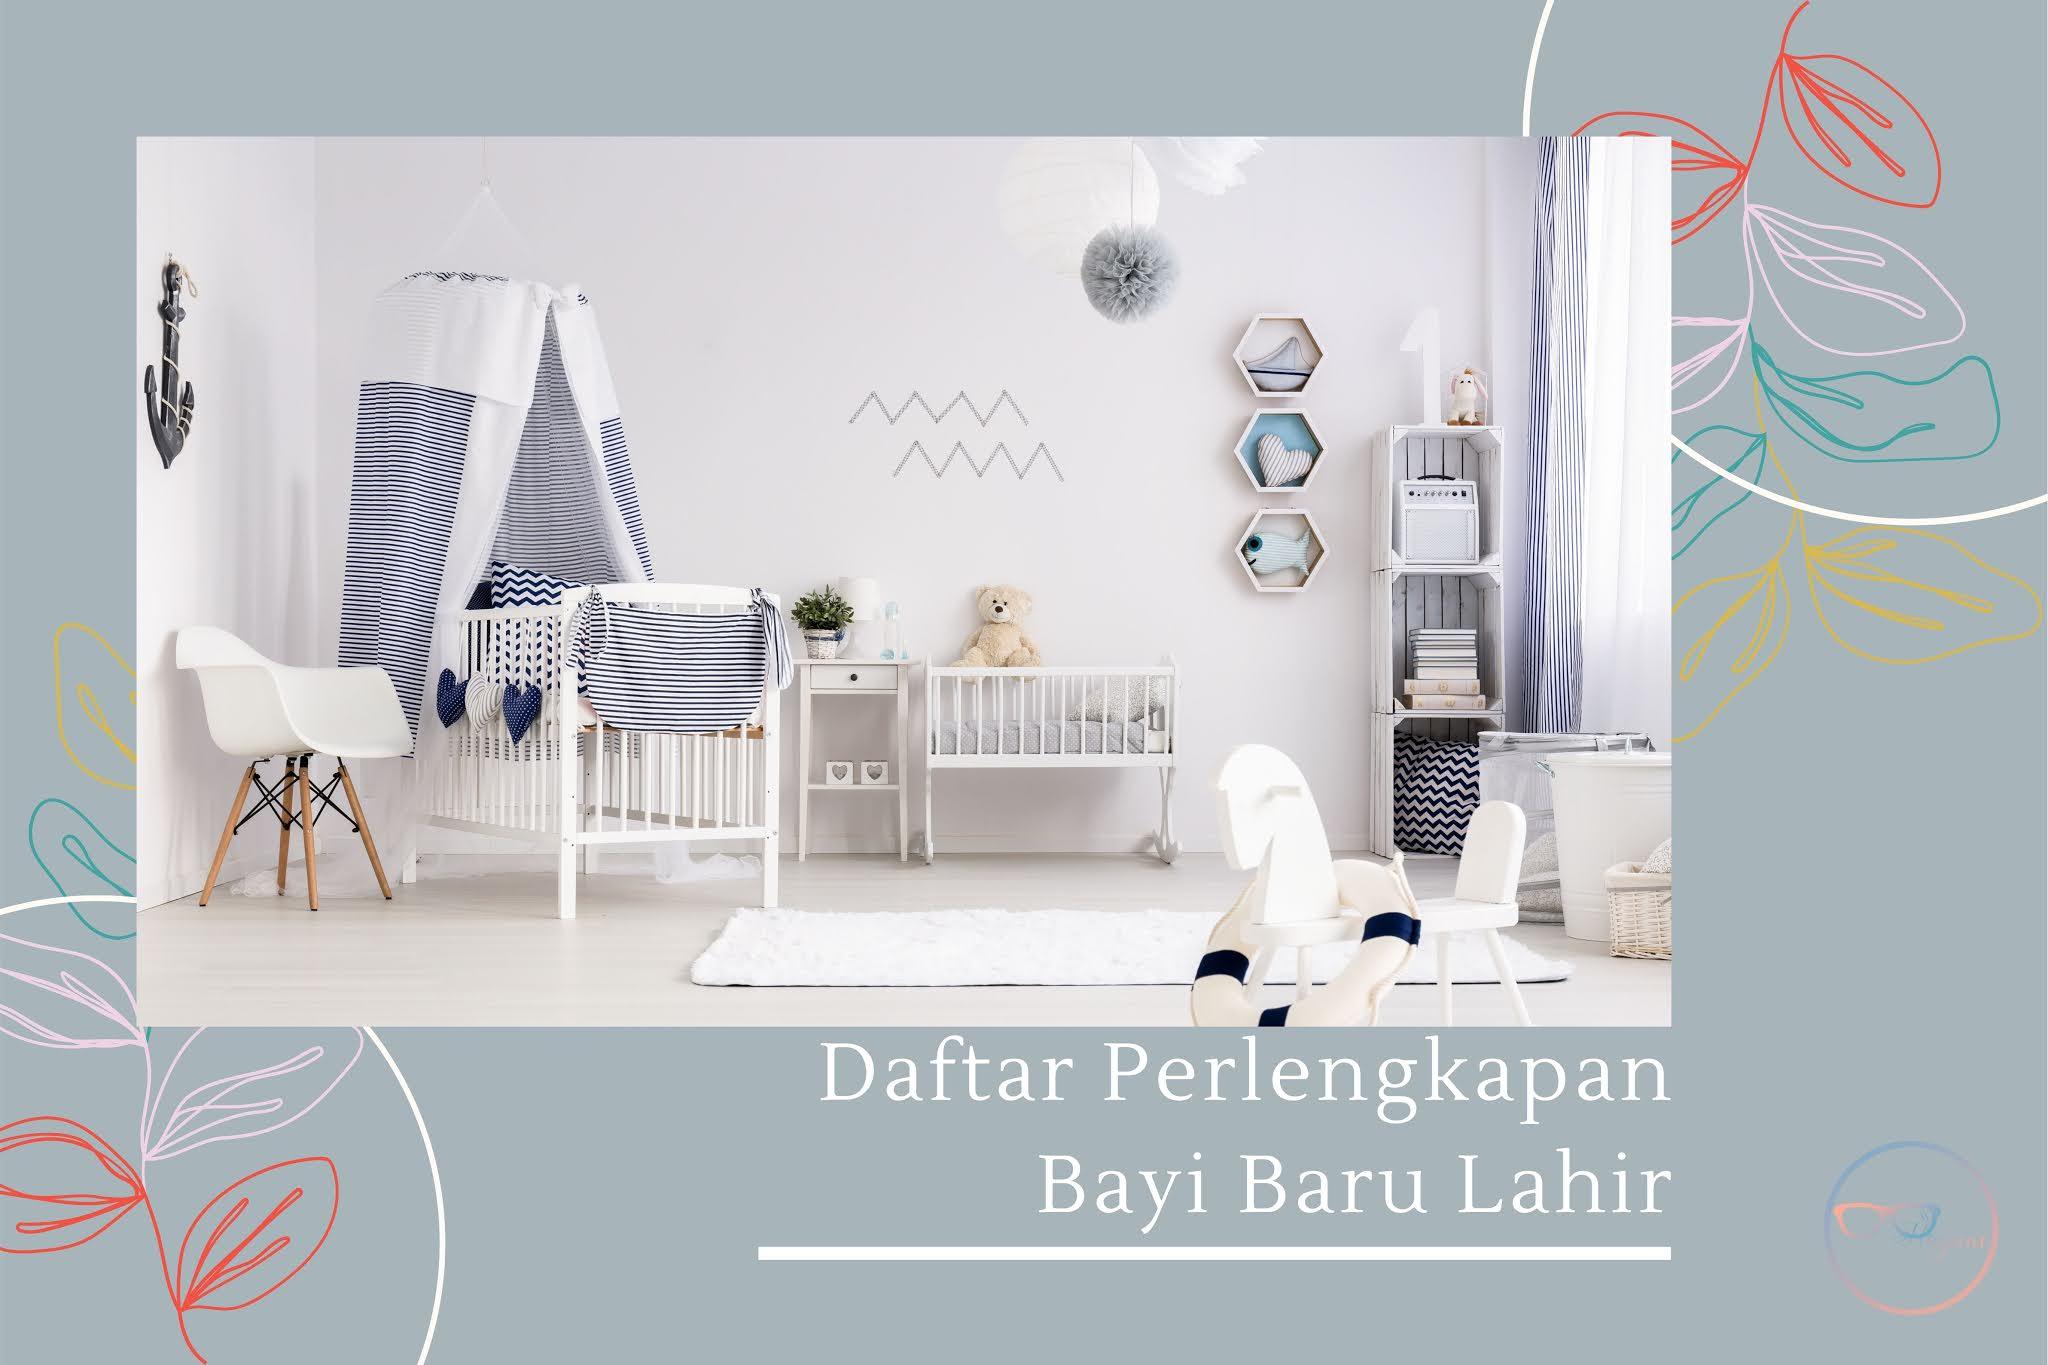 daftar-perlengkapan-bayi-baru-lahir